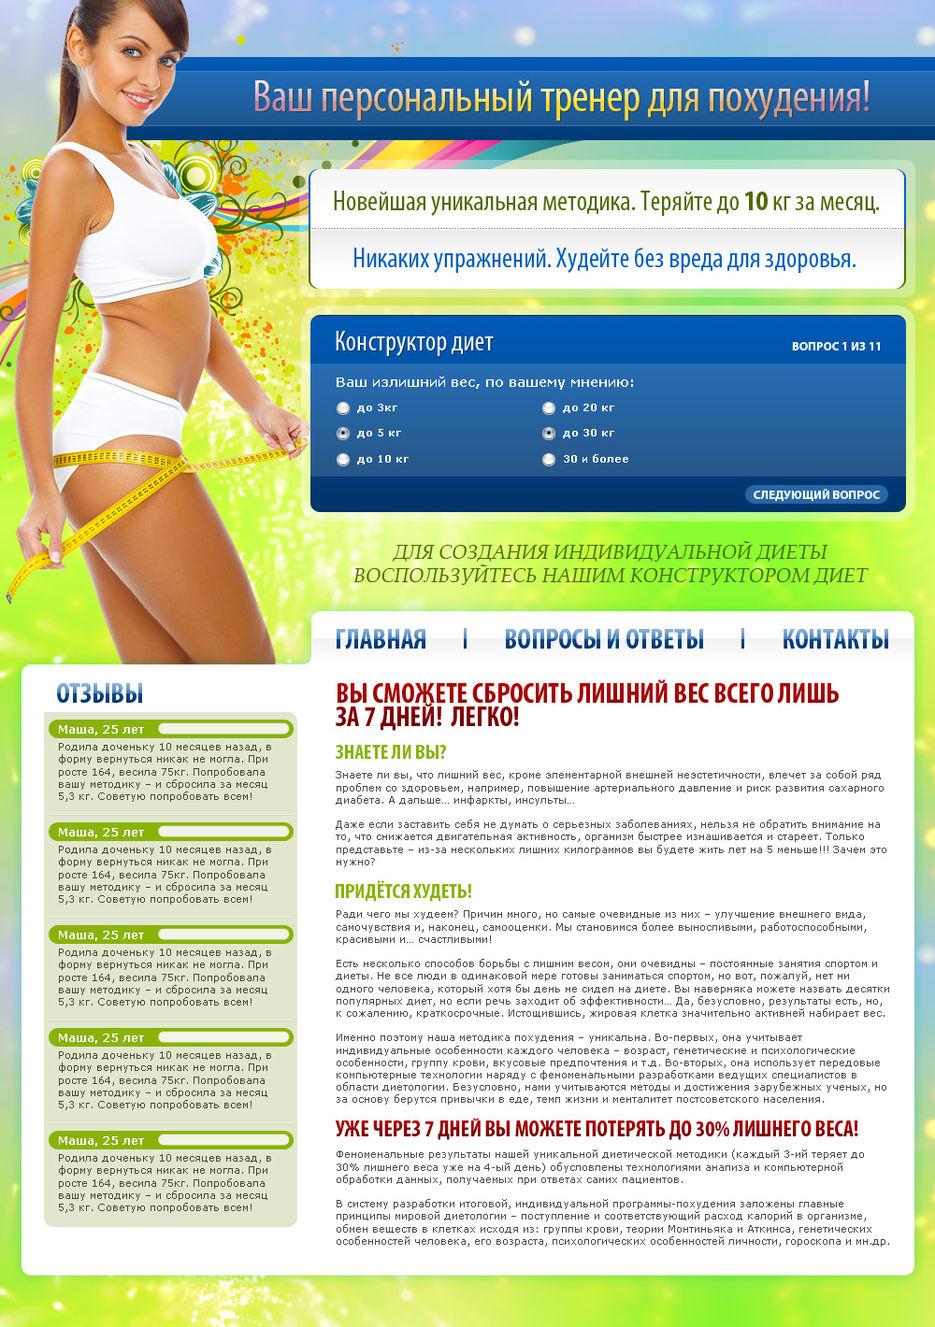 Уникальная Методика Для Похудения. Как похудеть в домашних условиях